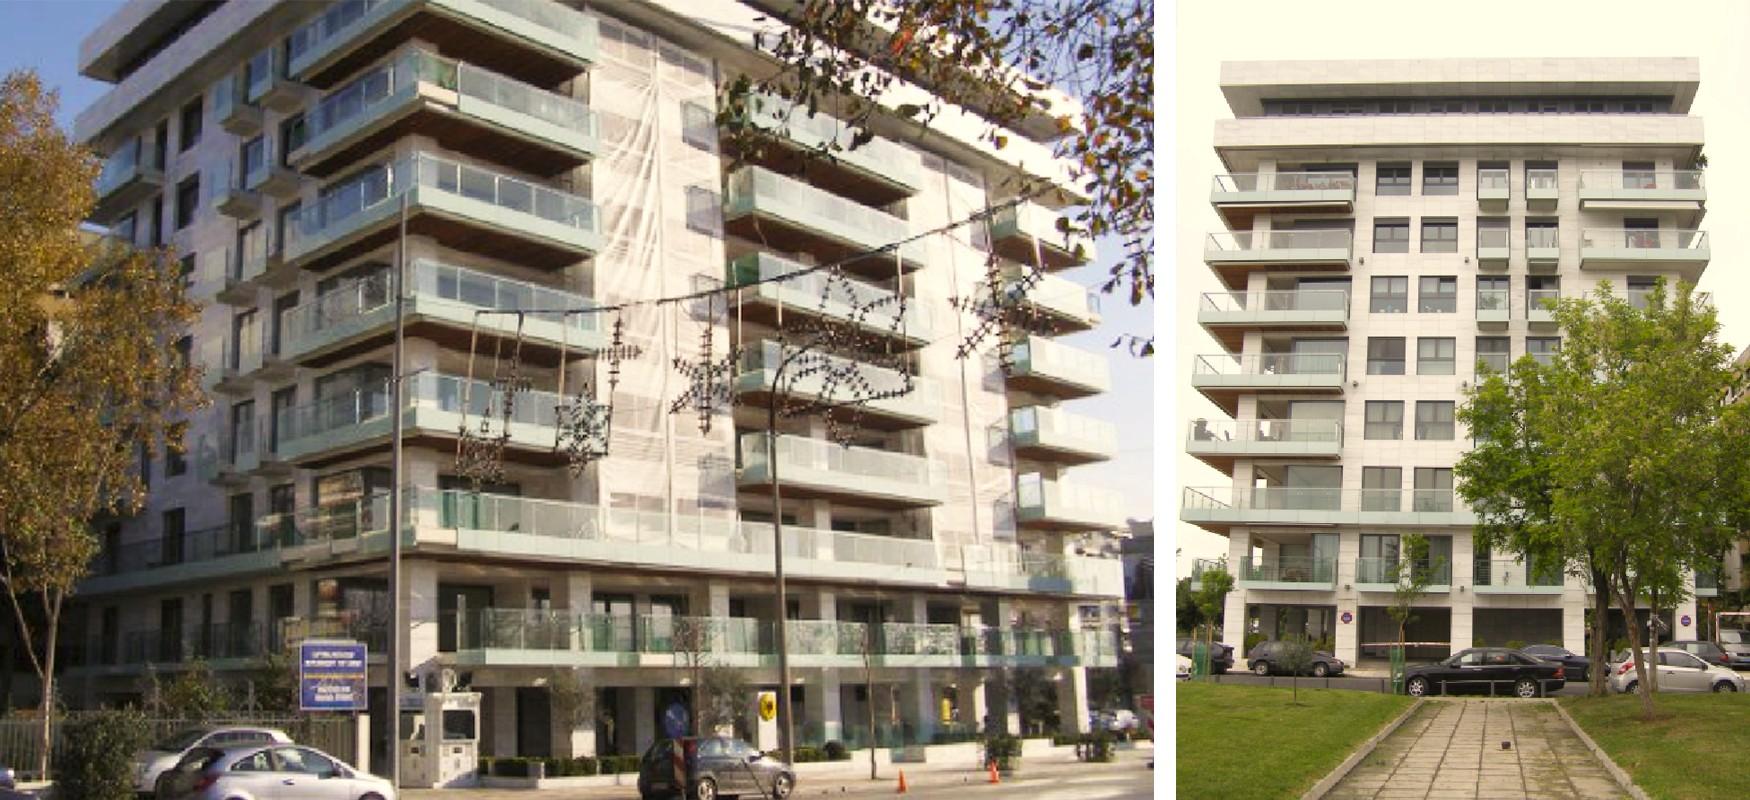 Brandschutzplanung beim Generalkonsulat in Thessaloniki vom Ingenieurbüro Pabst und Partner Ingenieure